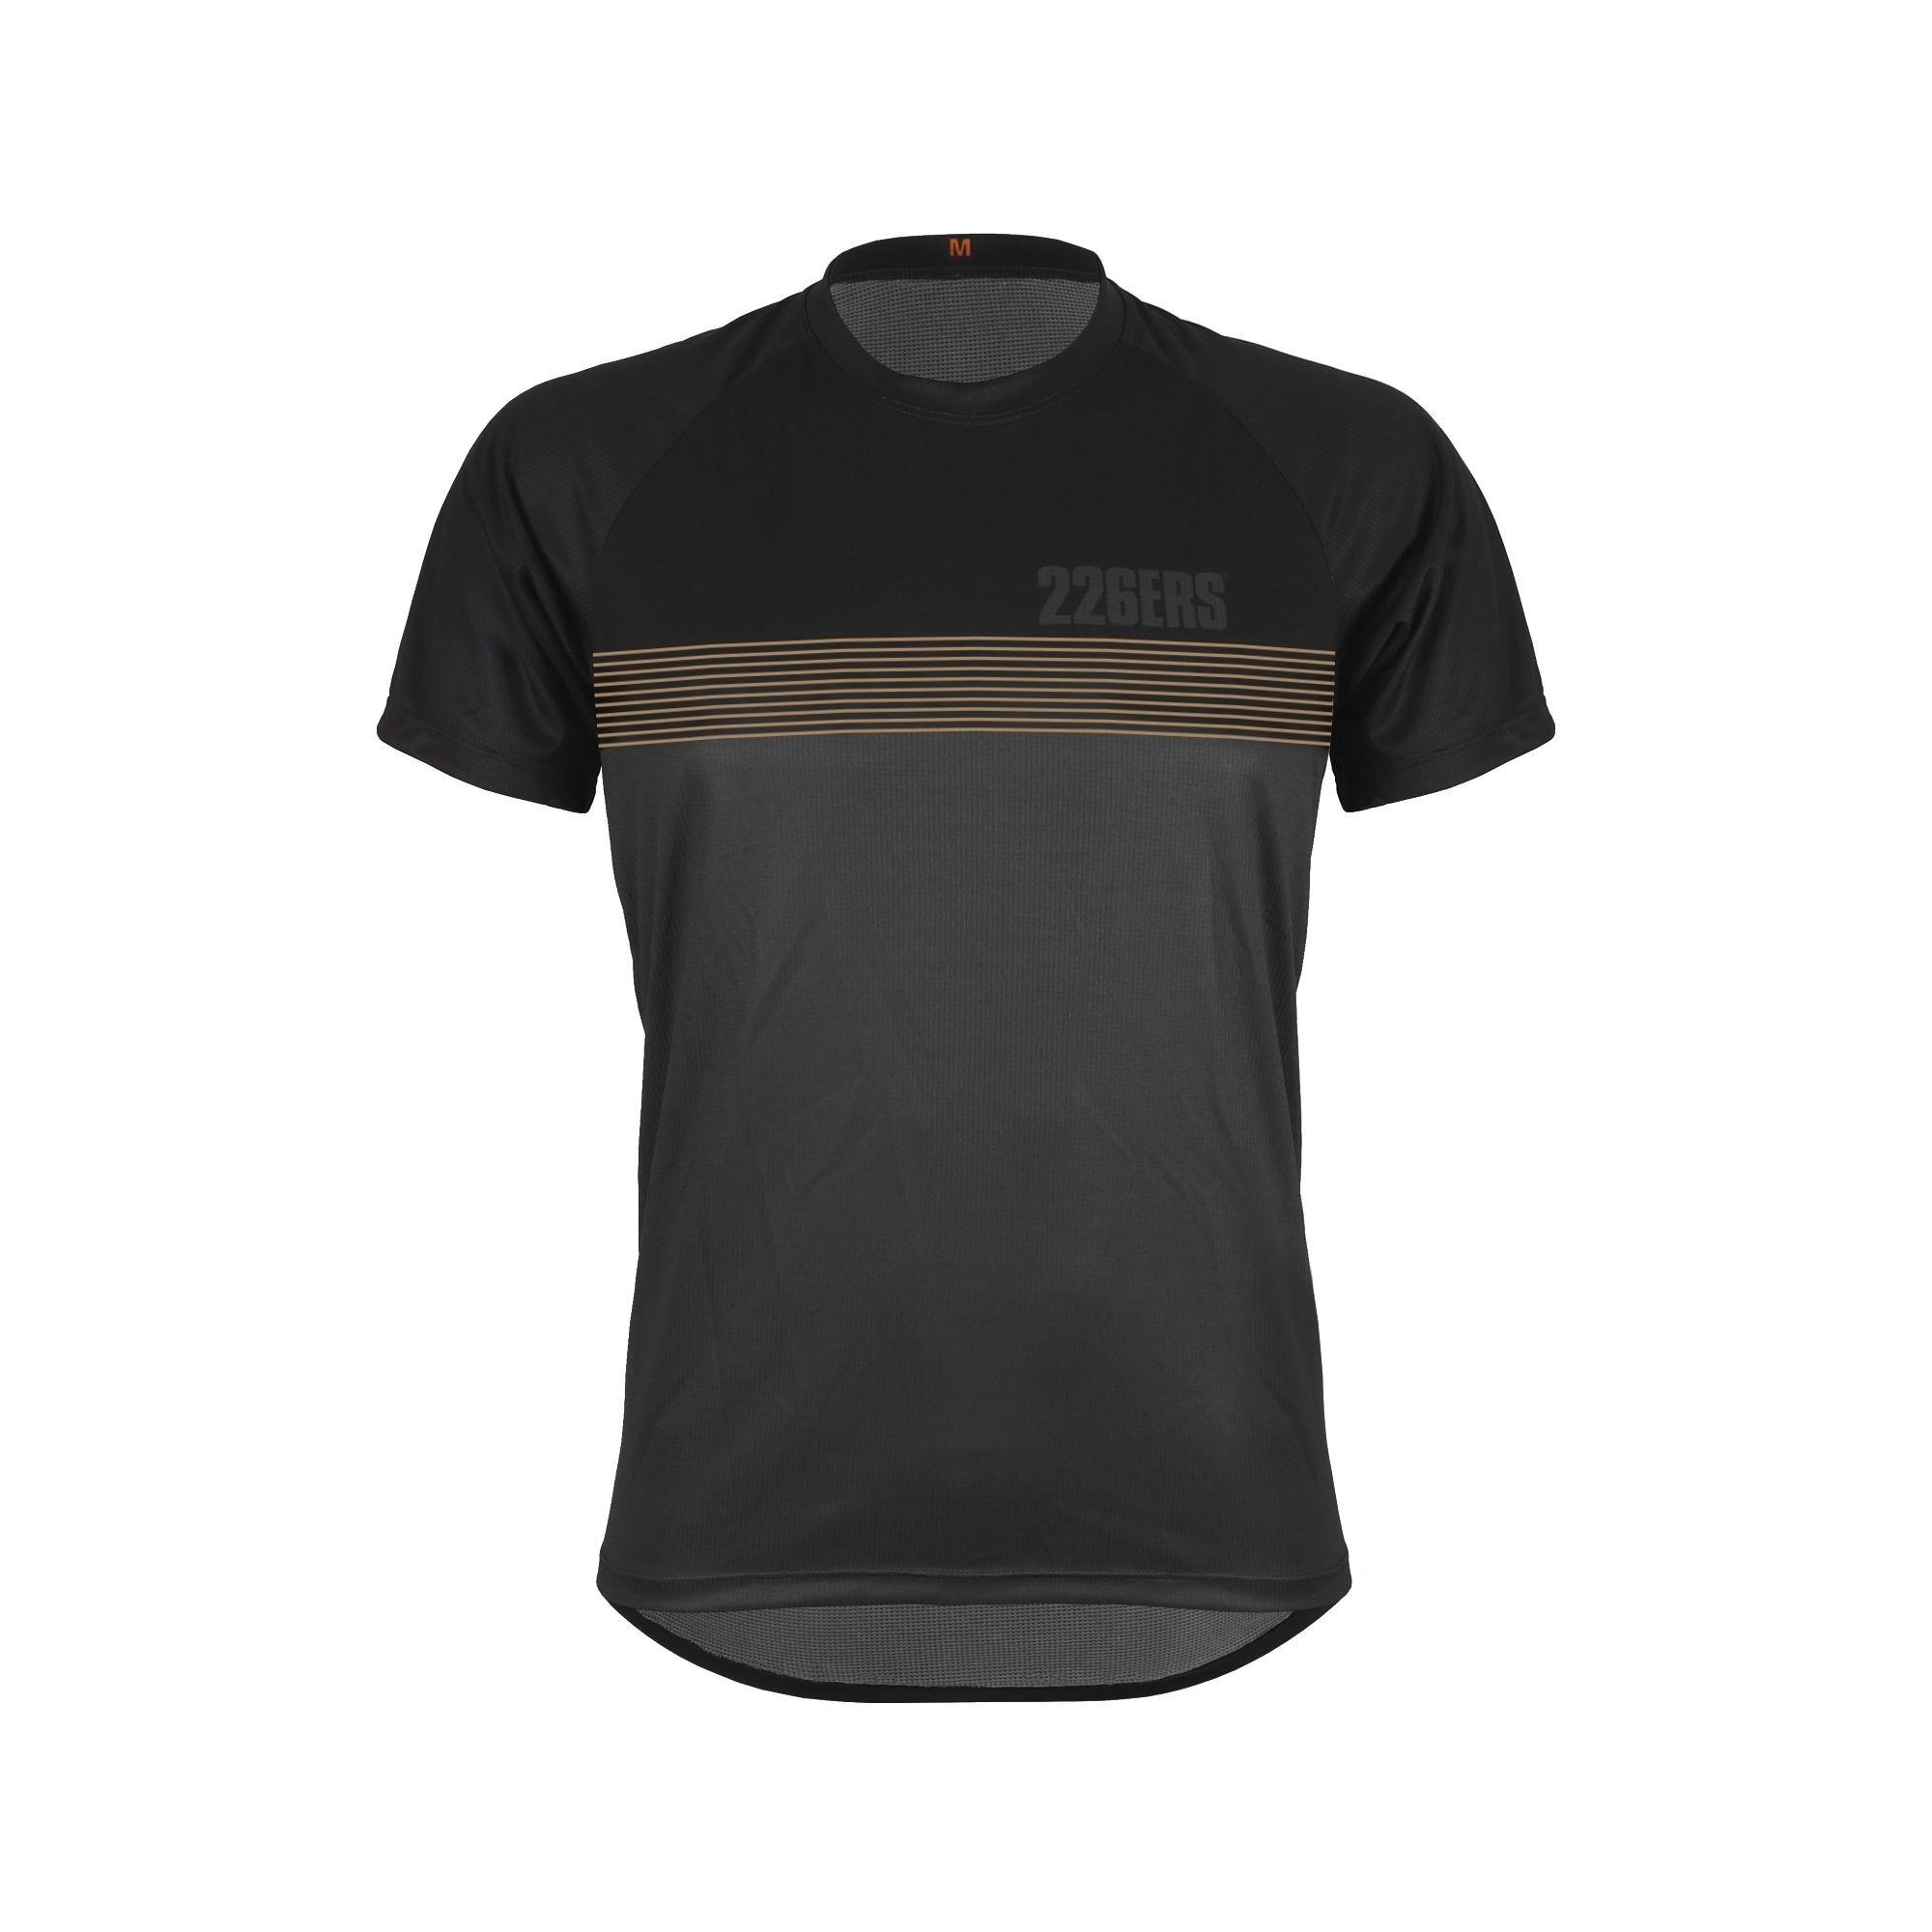 226ERS | Running T-shirt | SINCE 2010 LTD-1